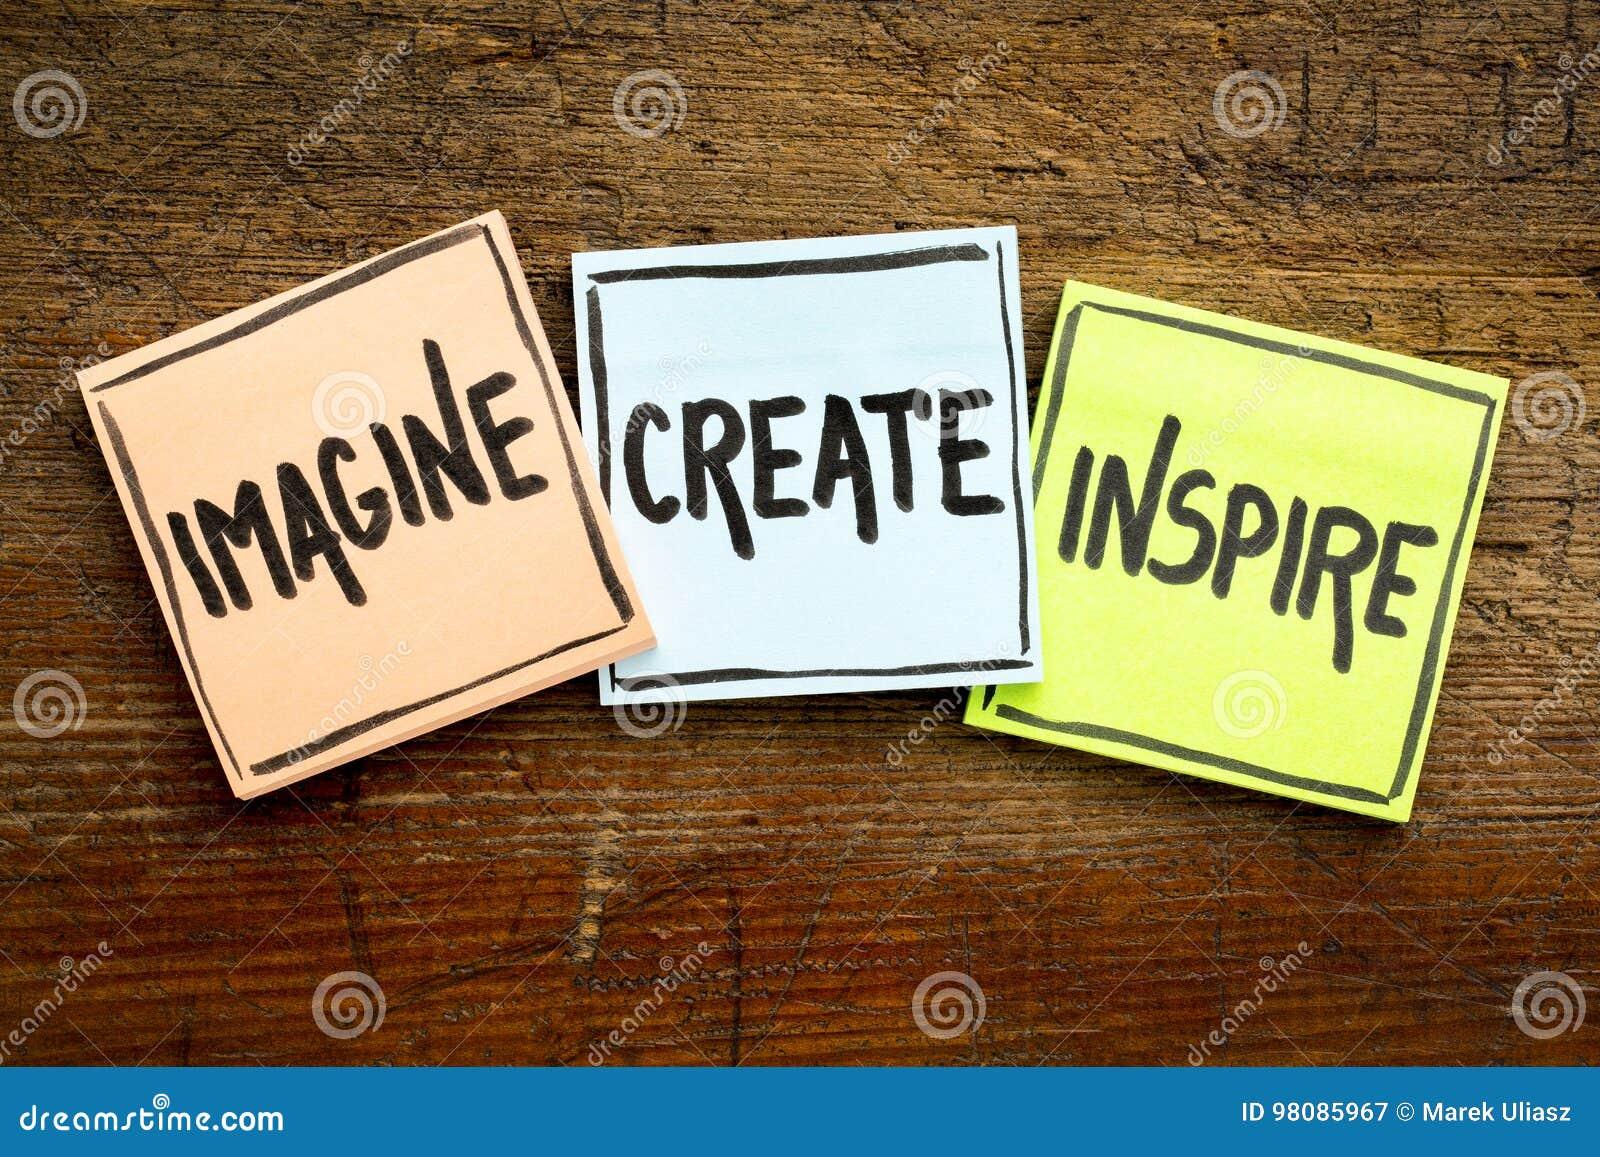 Imagine, crie, inspire o conceito em notas pegajosas